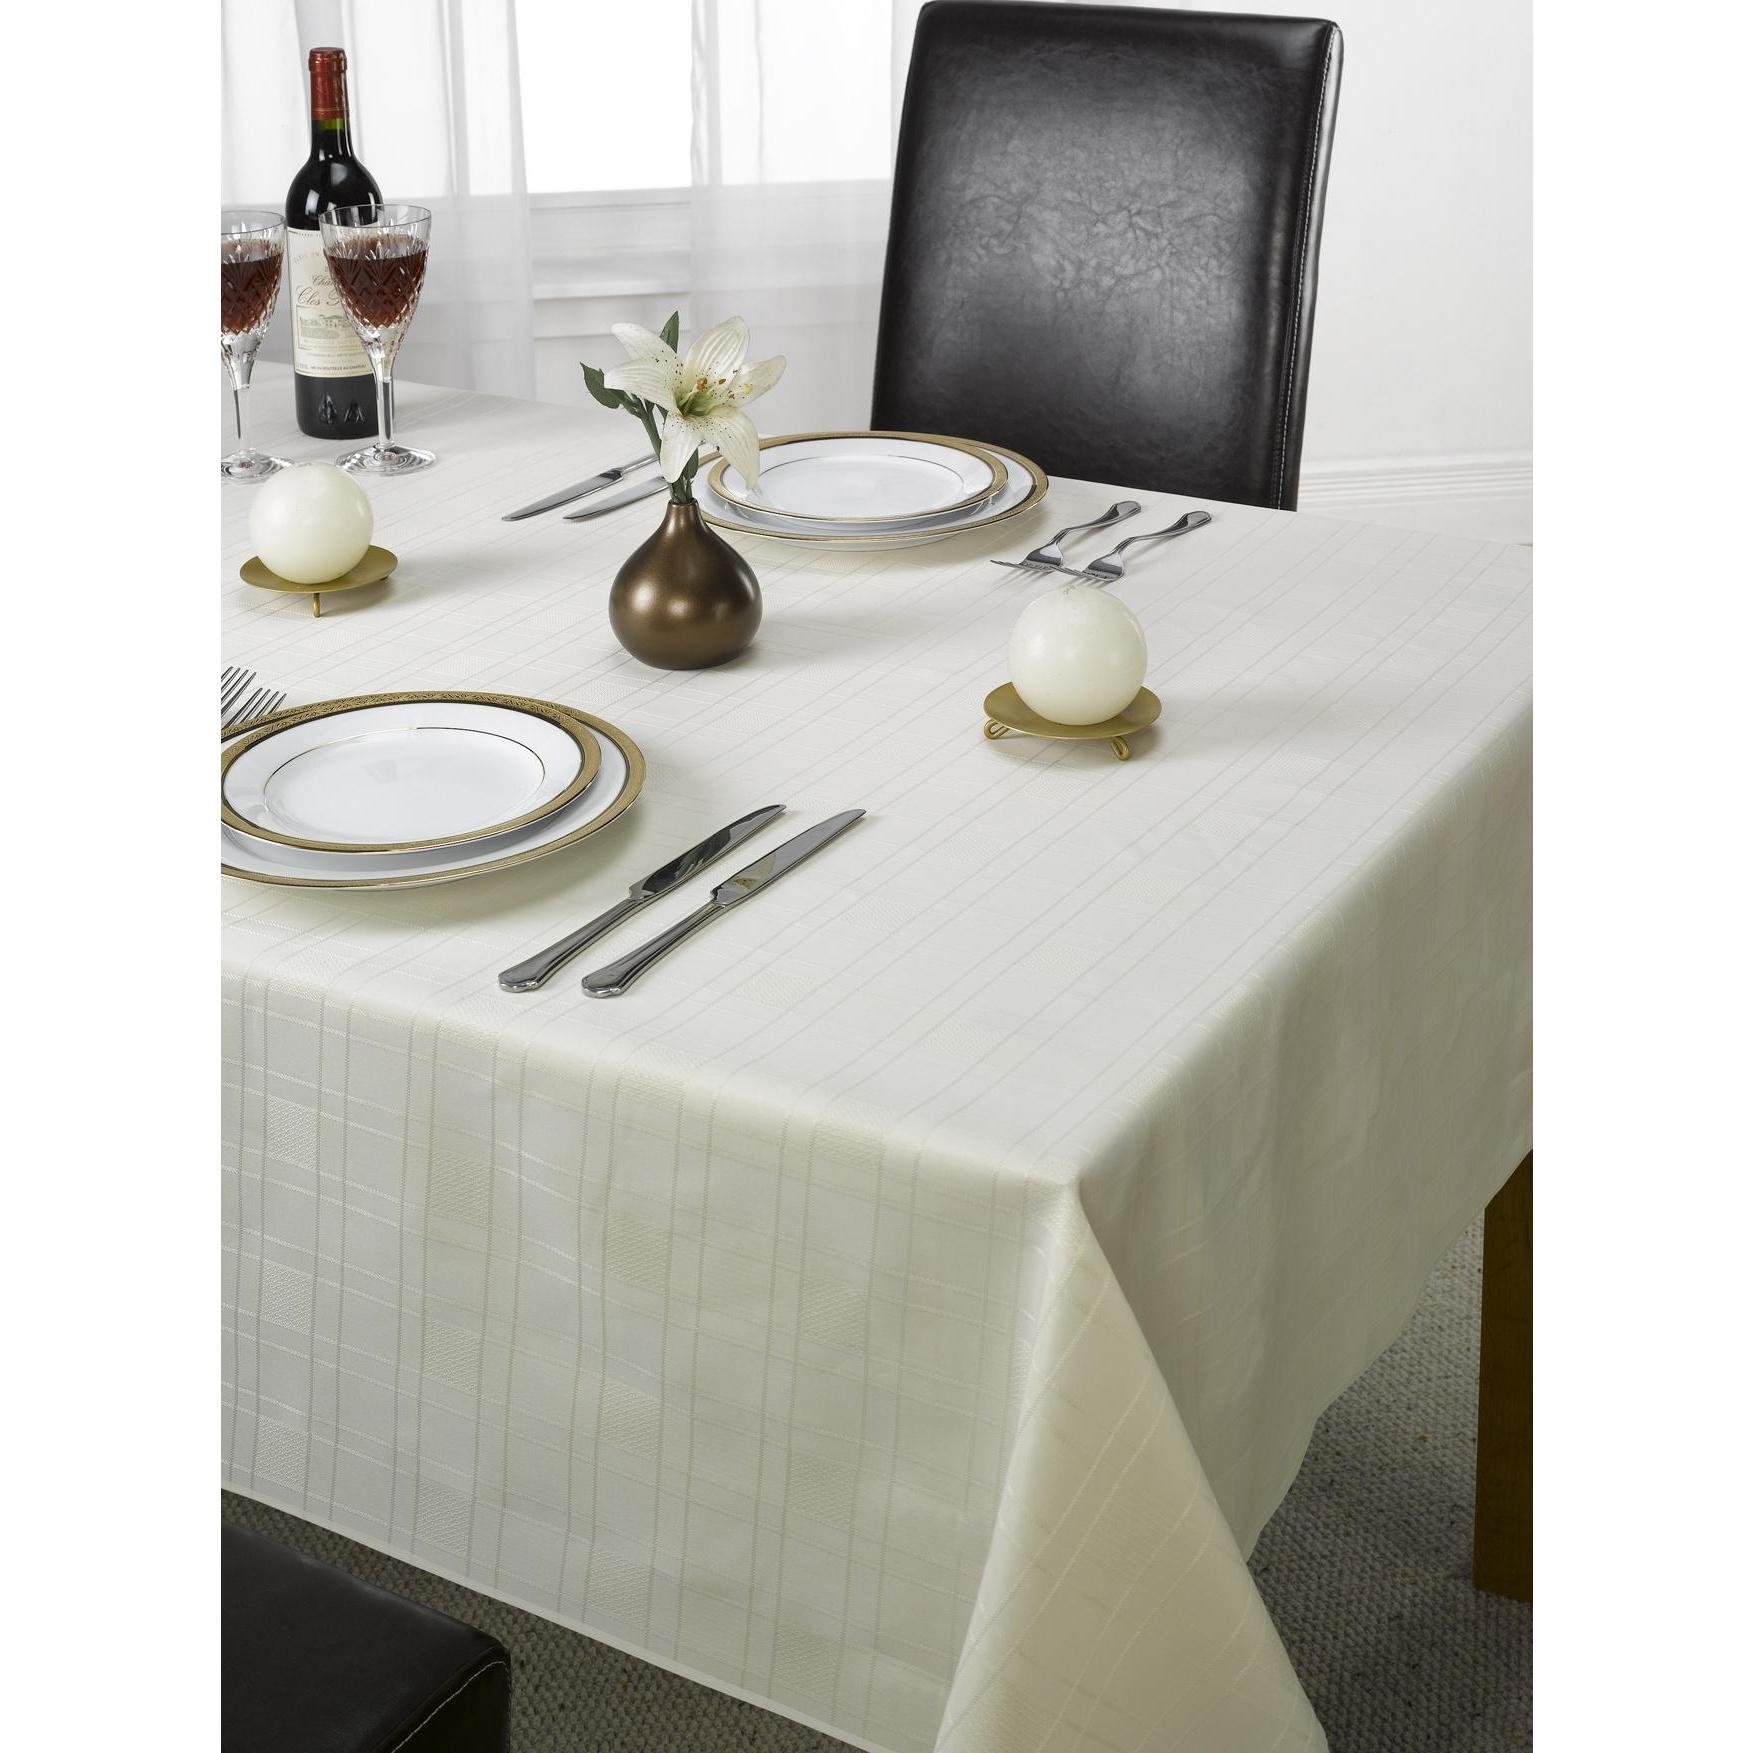 nappe motif carreaux ebay. Black Bedroom Furniture Sets. Home Design Ideas